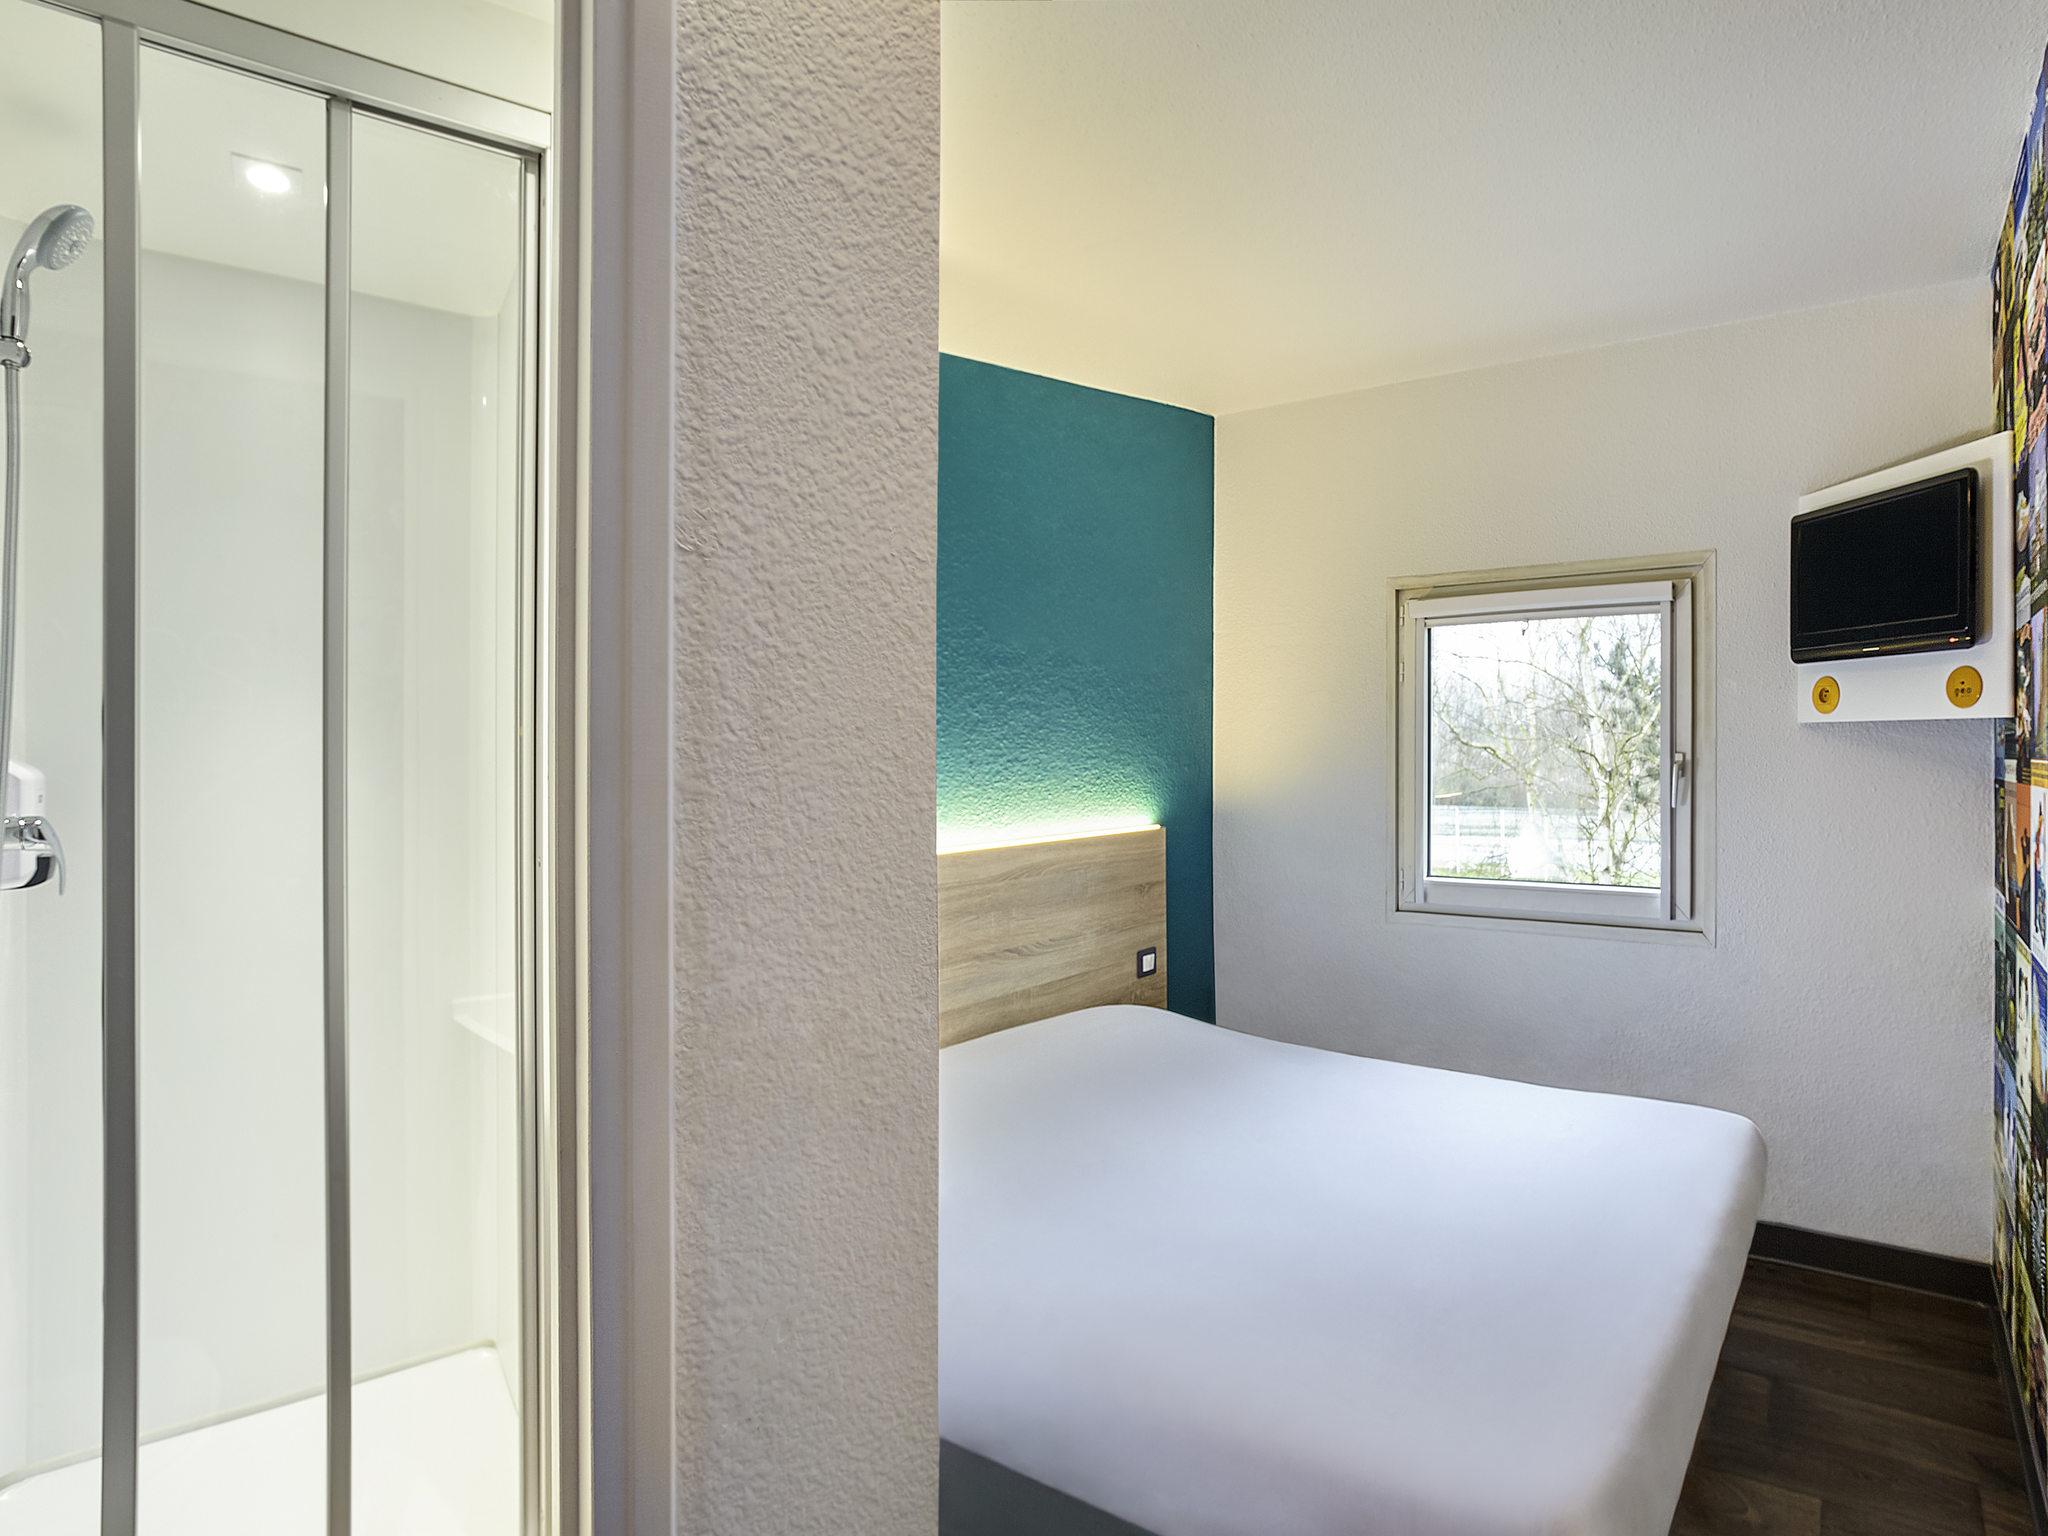 Hotel - hotelF1 Nice Villeneuve Loubet